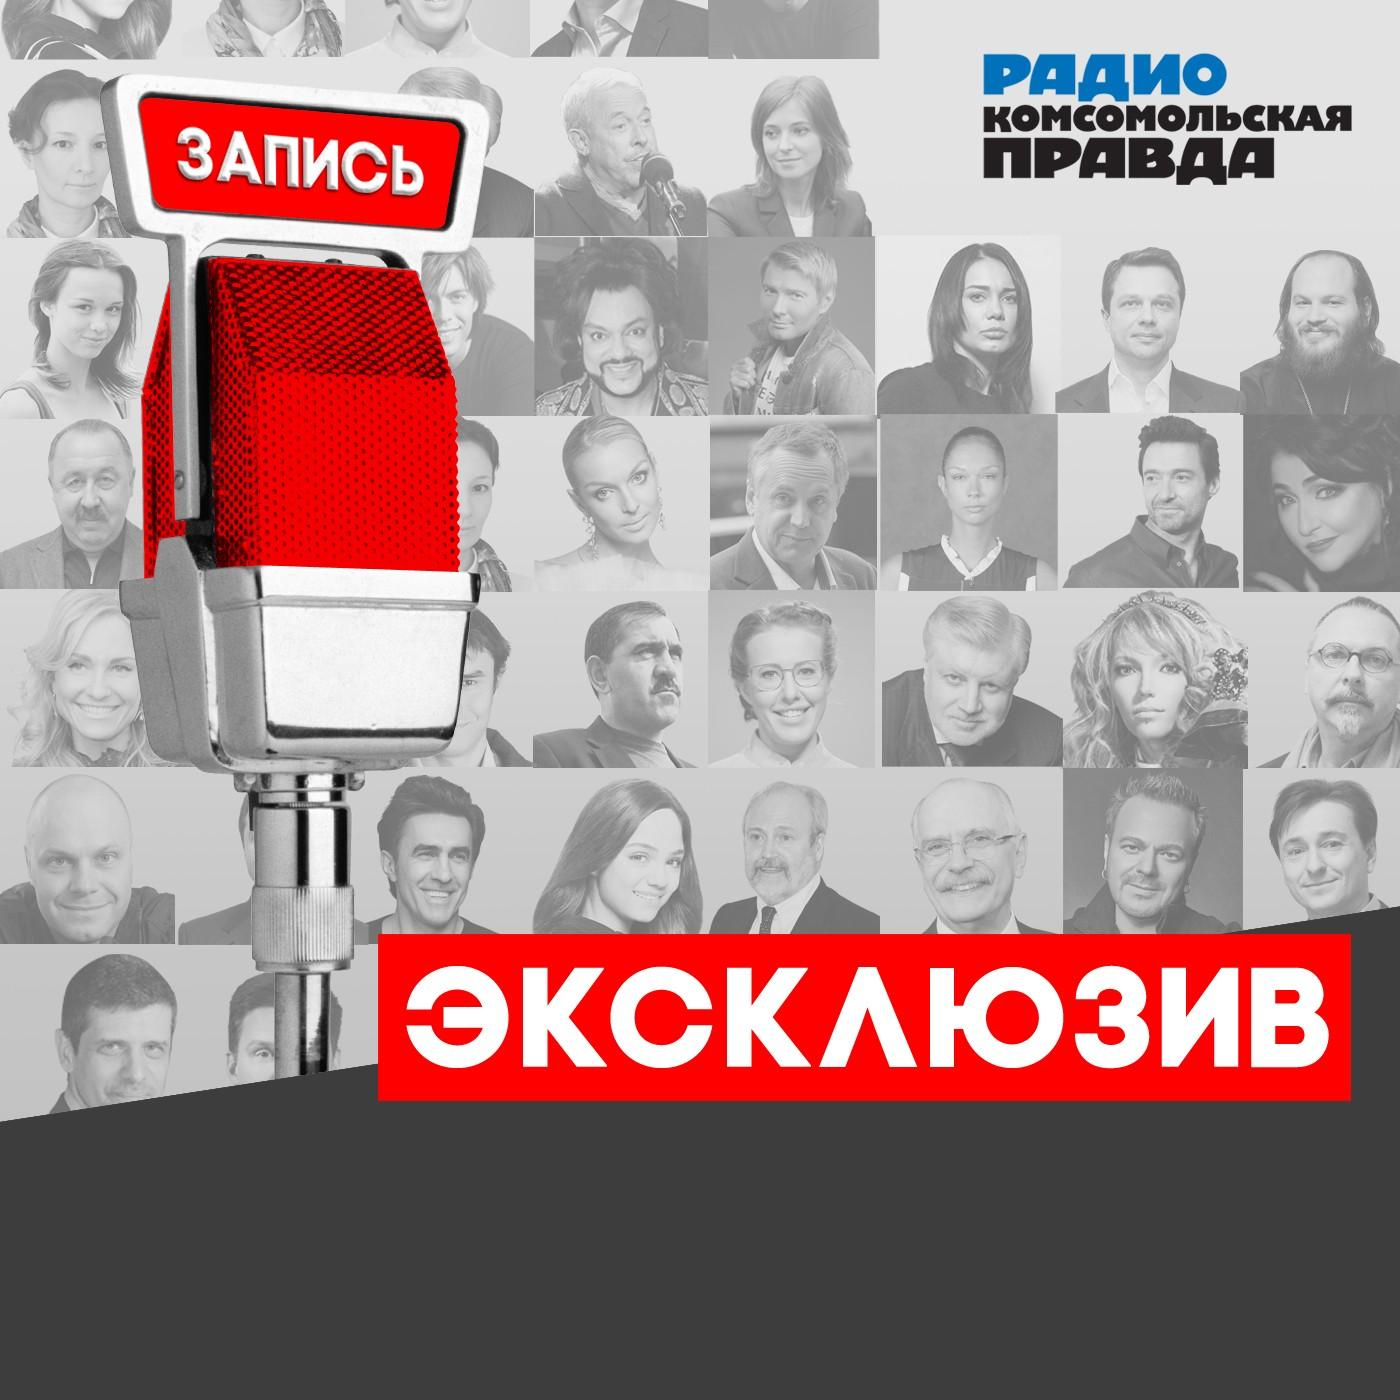 Радио «Комсомольская правда» Дима Билан: О детях думаю, но семью буду прятать